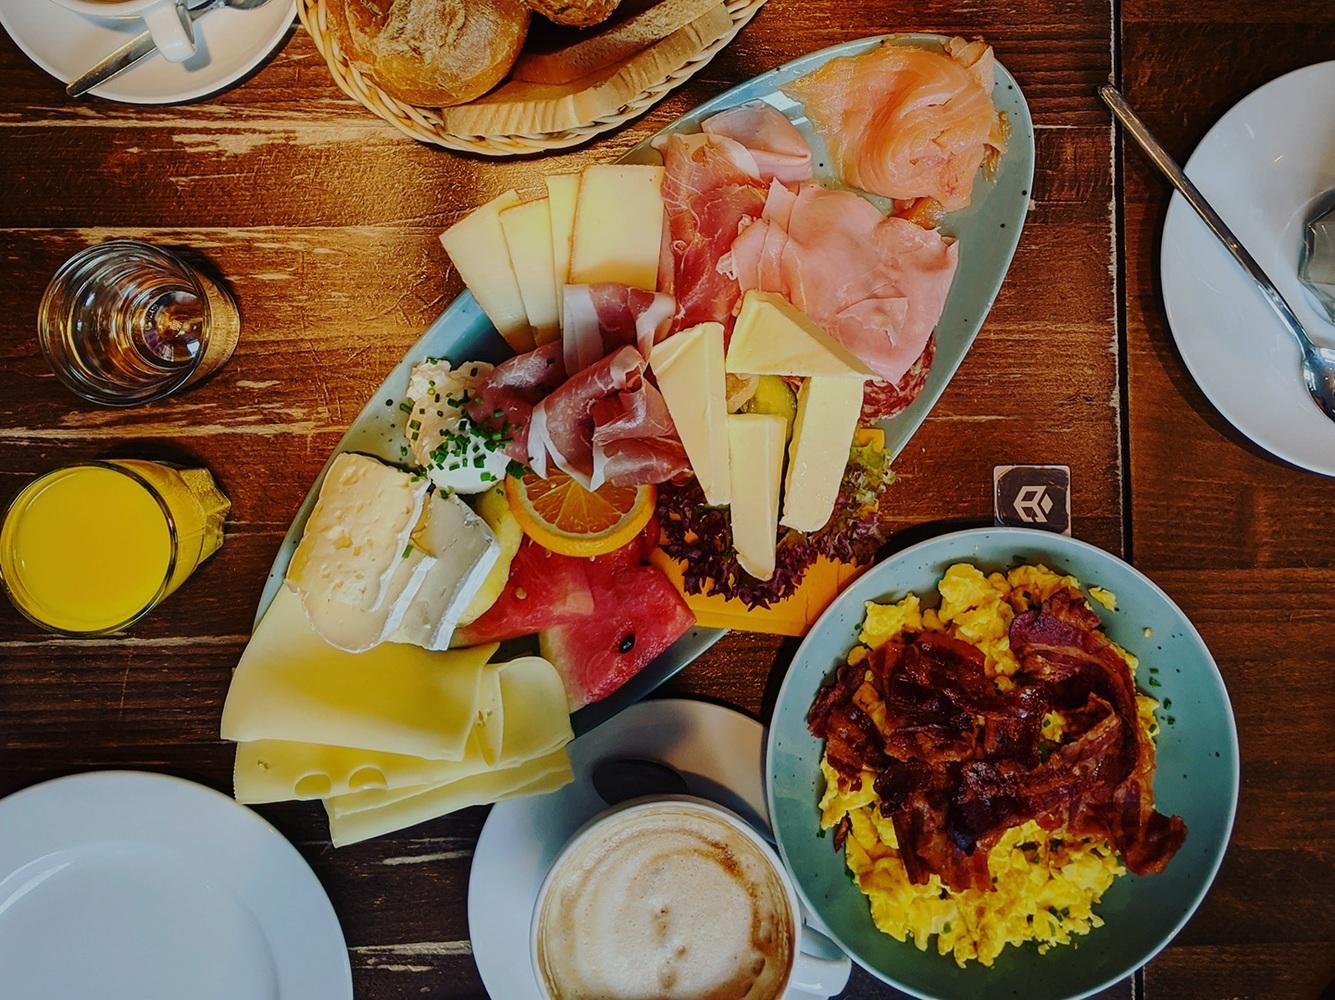 Ausgiebig brunchen: Die besten Cafés für fabelhaftes Frühstück in Deggendorf!